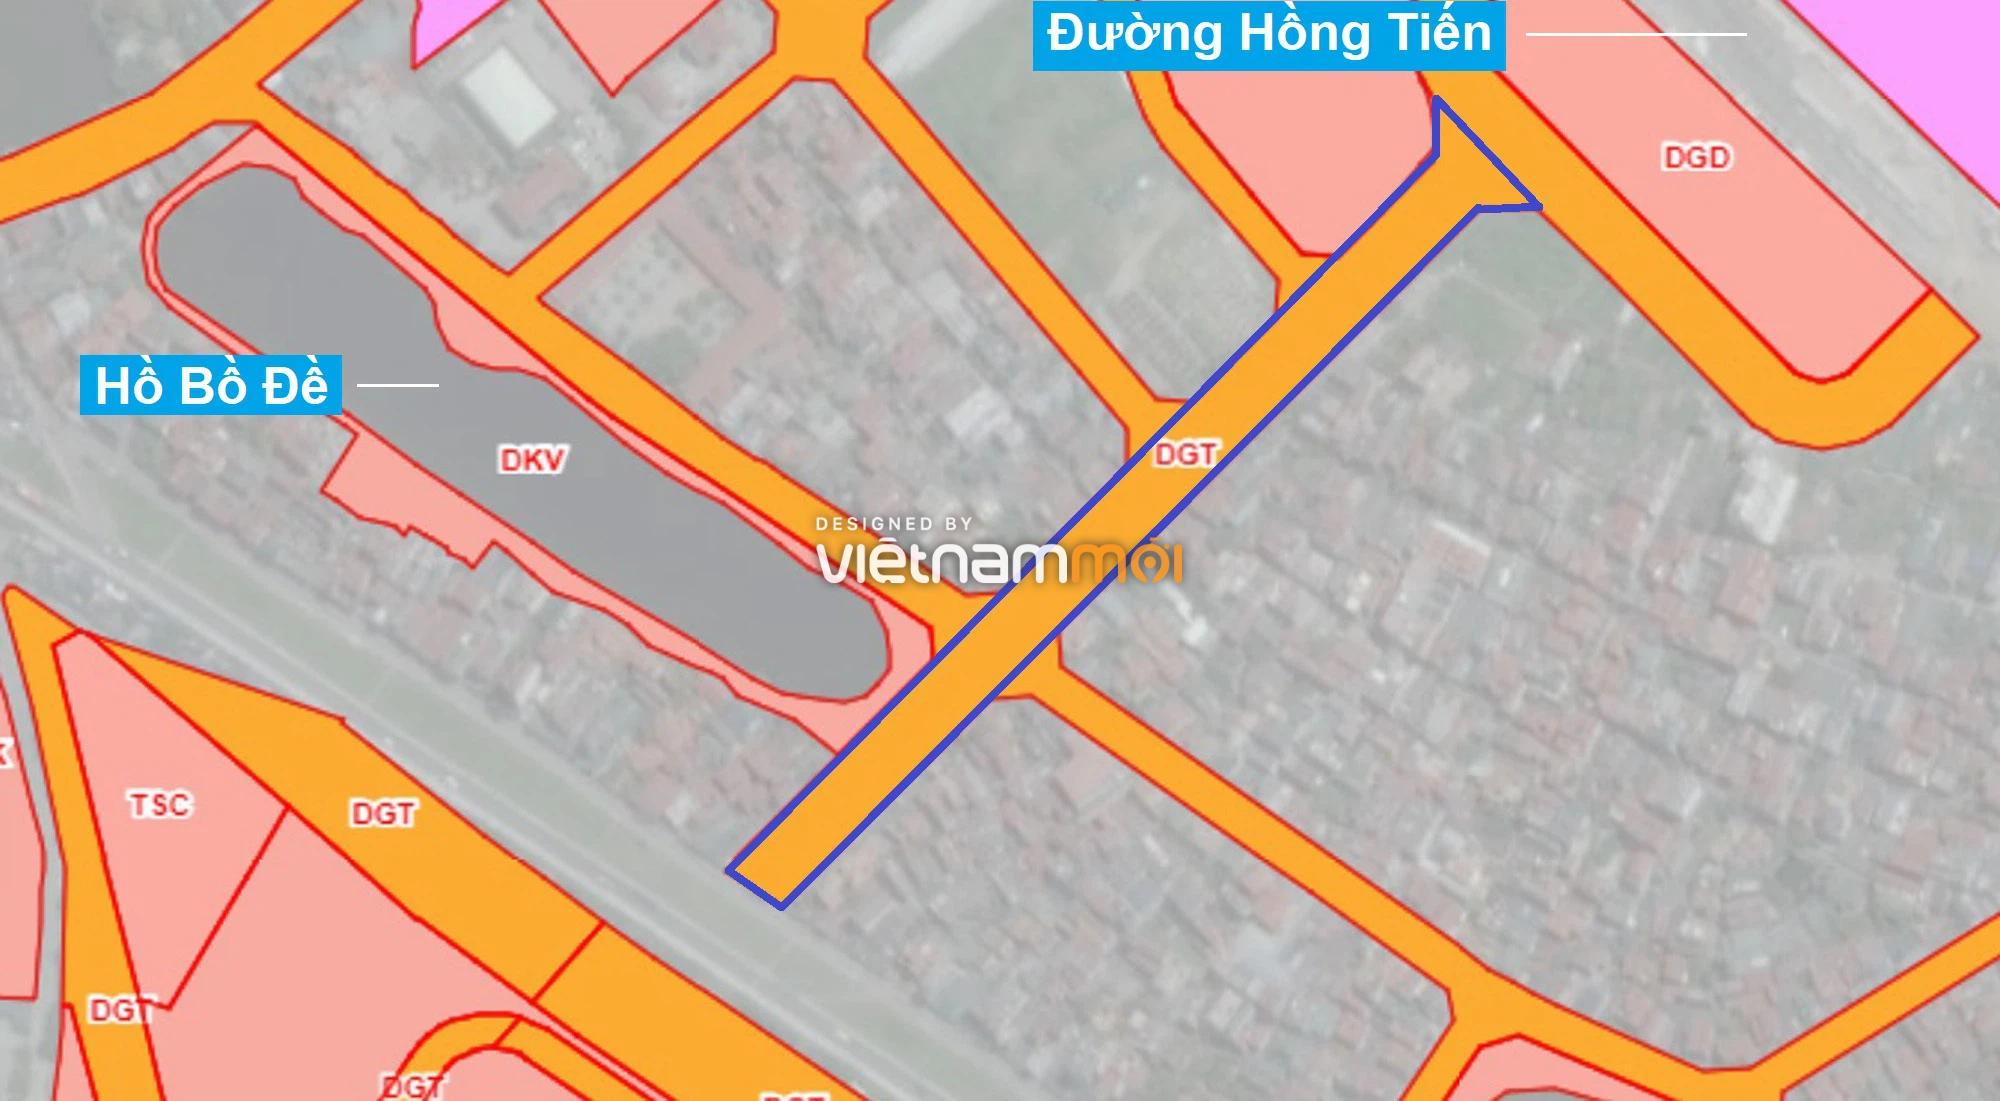 Những khu đất sắp thu hồi để mở đường ở phường Bồ Đề, Long Biên, Hà Nội (phần 1) - Ảnh 14.